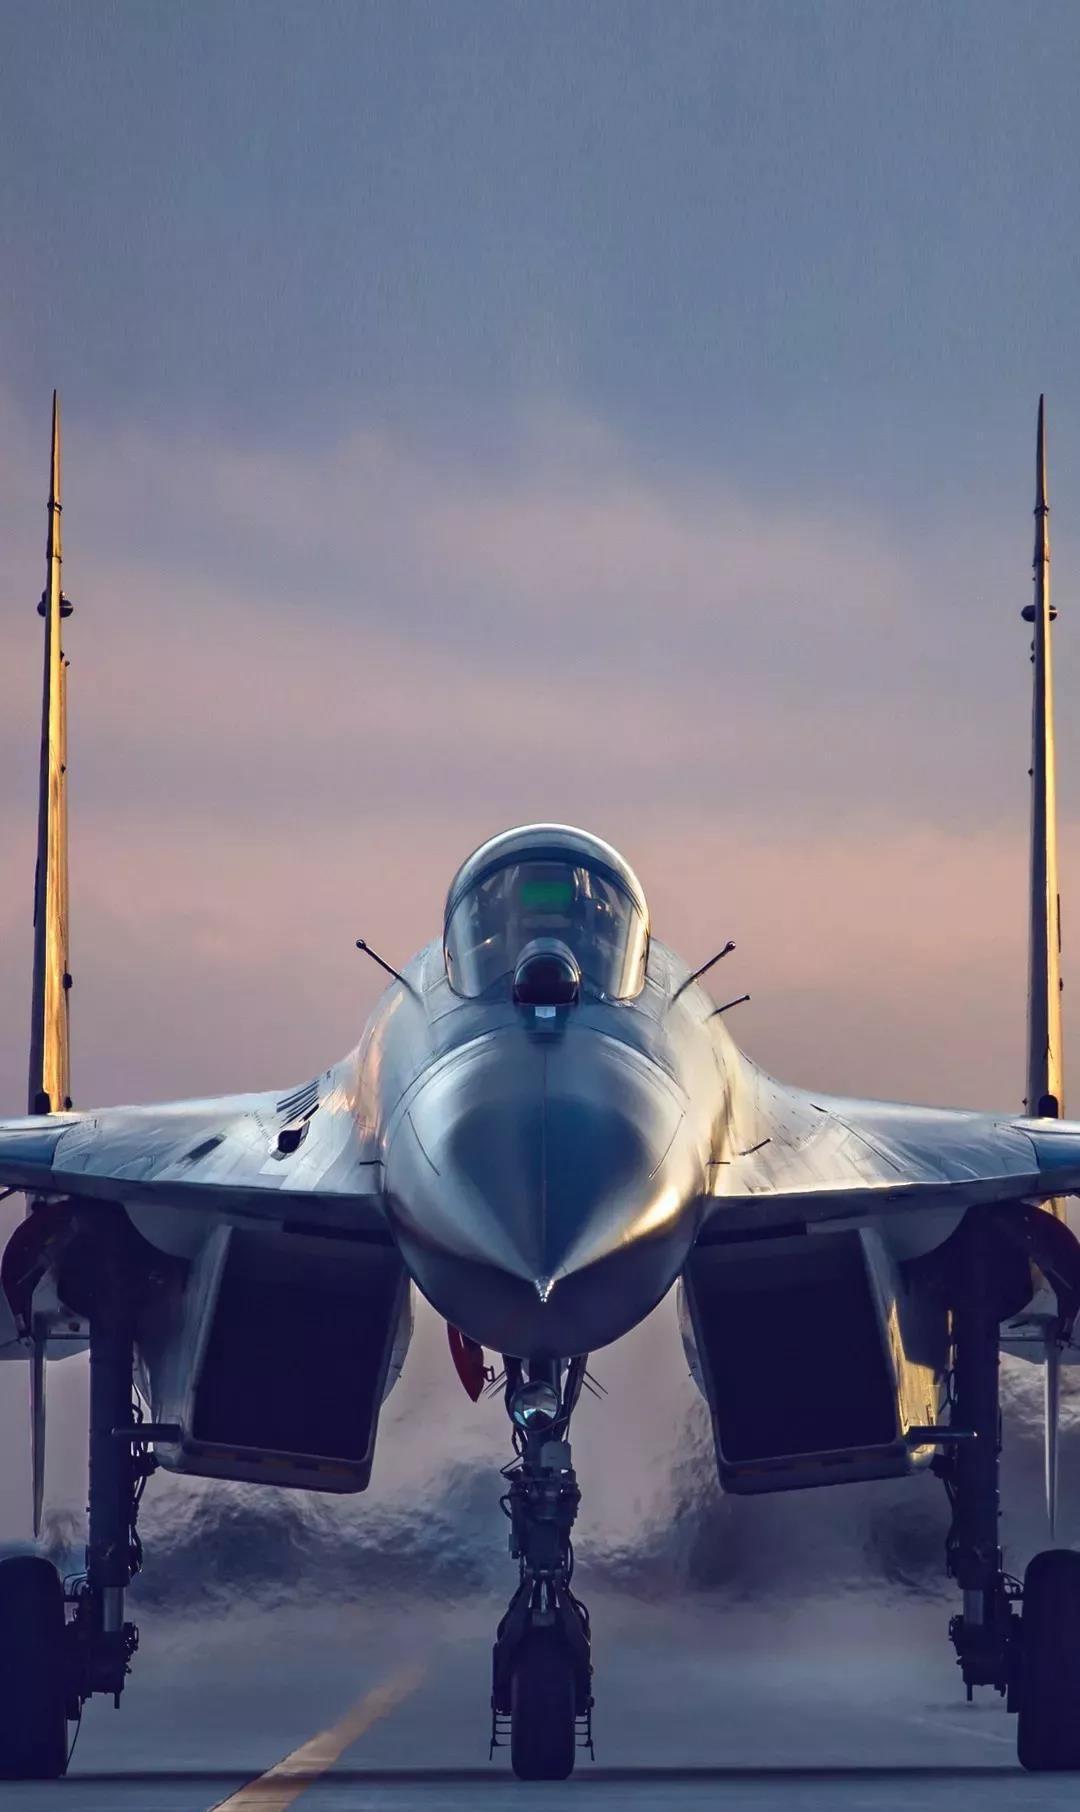 威猛对霸道,解放军空军超燃高清壁纸之一:侧卫与猛龙